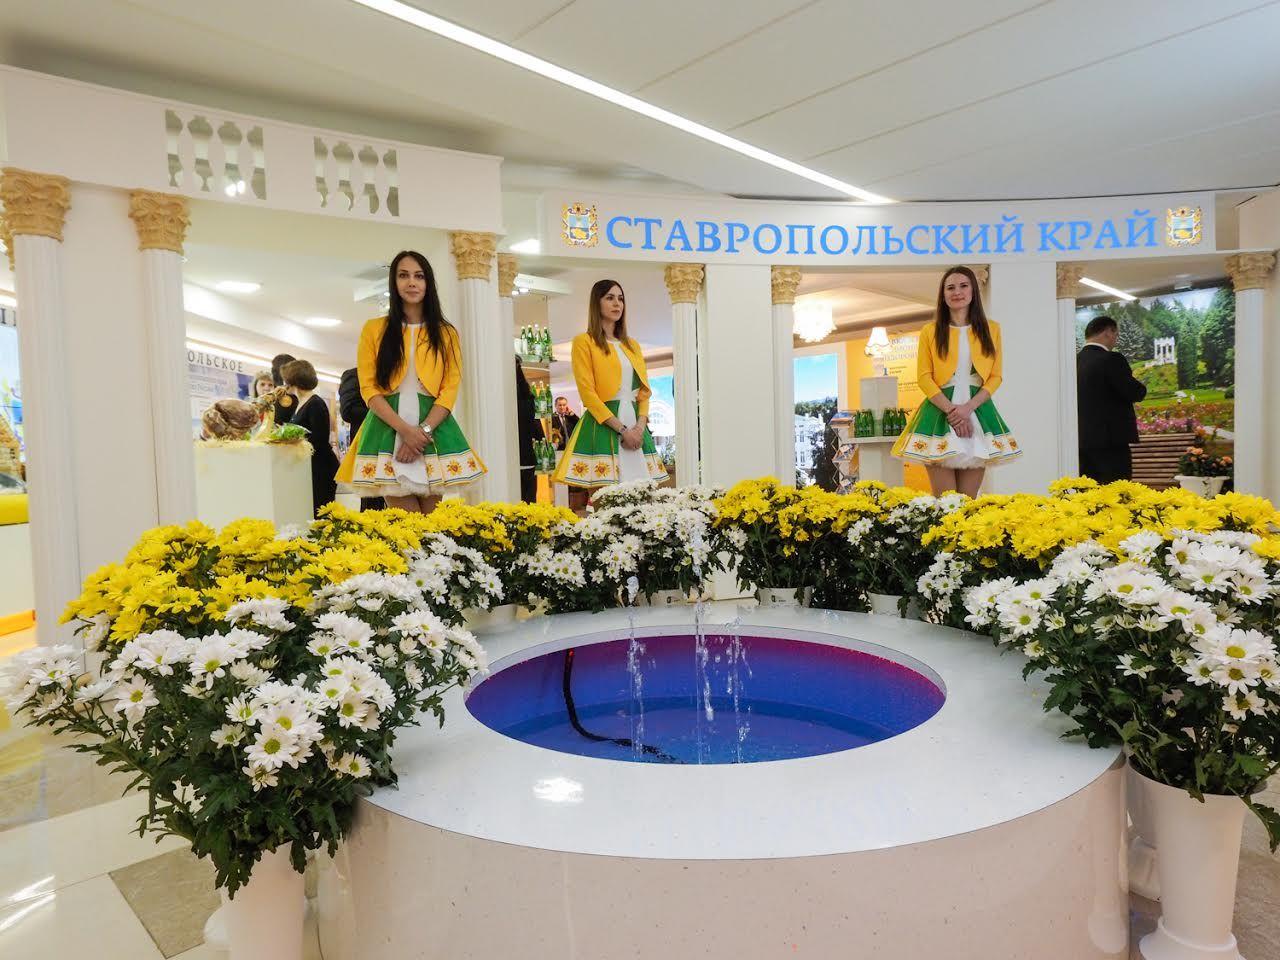 Богатство Ставрополья представили навыставке вСовете Федерации